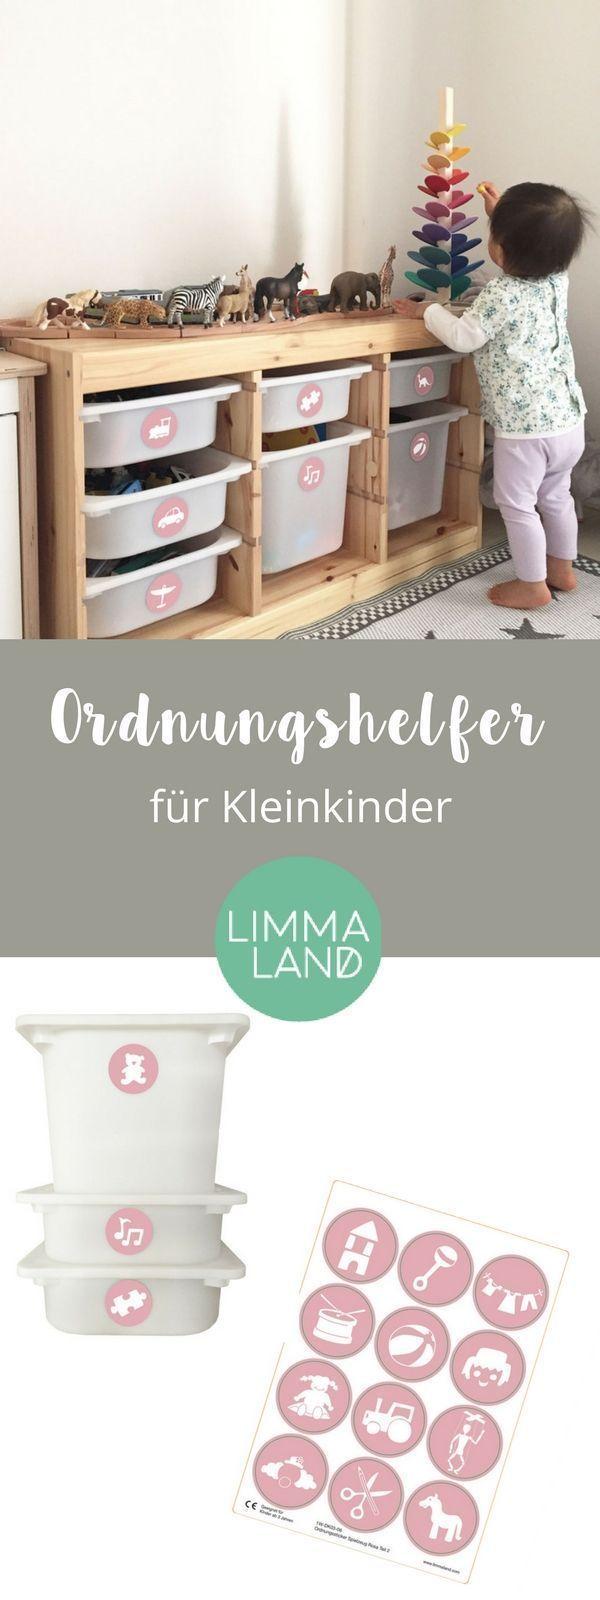 Möbelaufkleber Spielzeug: Ordnung halten mit Kindern – Symbol Weiß / Hintergrund Rosa